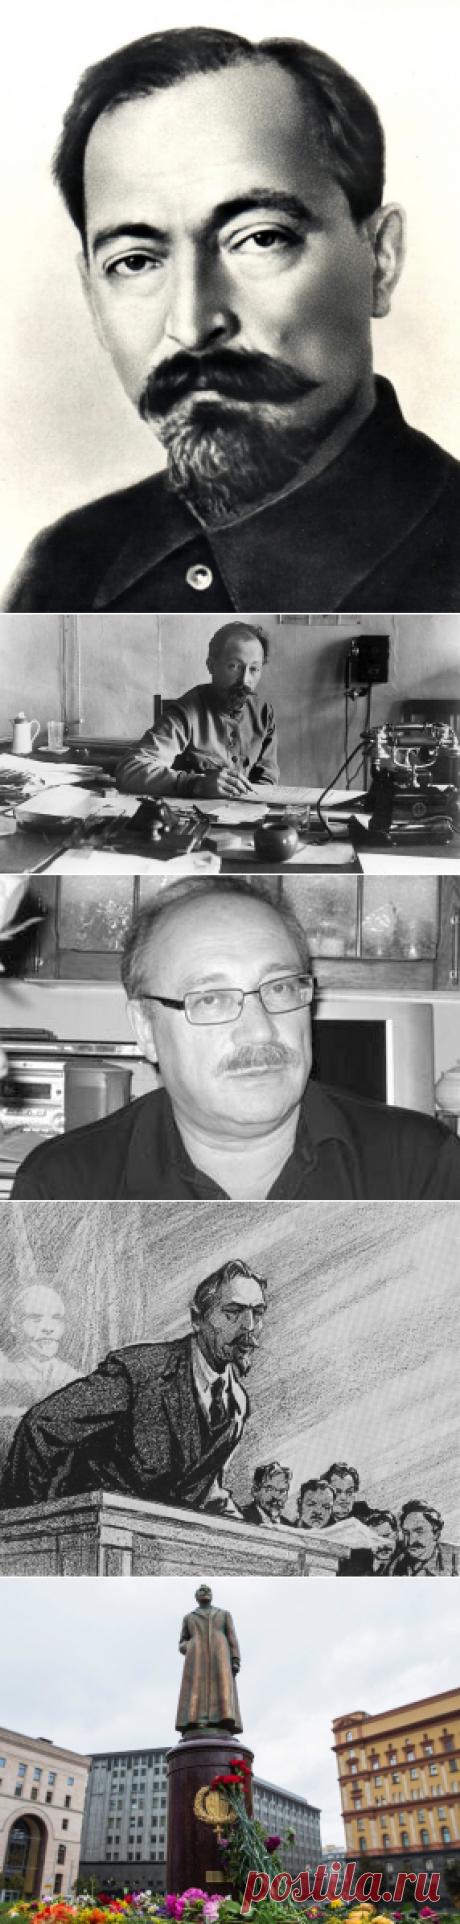 Тайна смерти Железного Феликса: кому была выгодна смерть Феликса Дзержинского | Знаете ли вы, что... | Яндекс Дзен